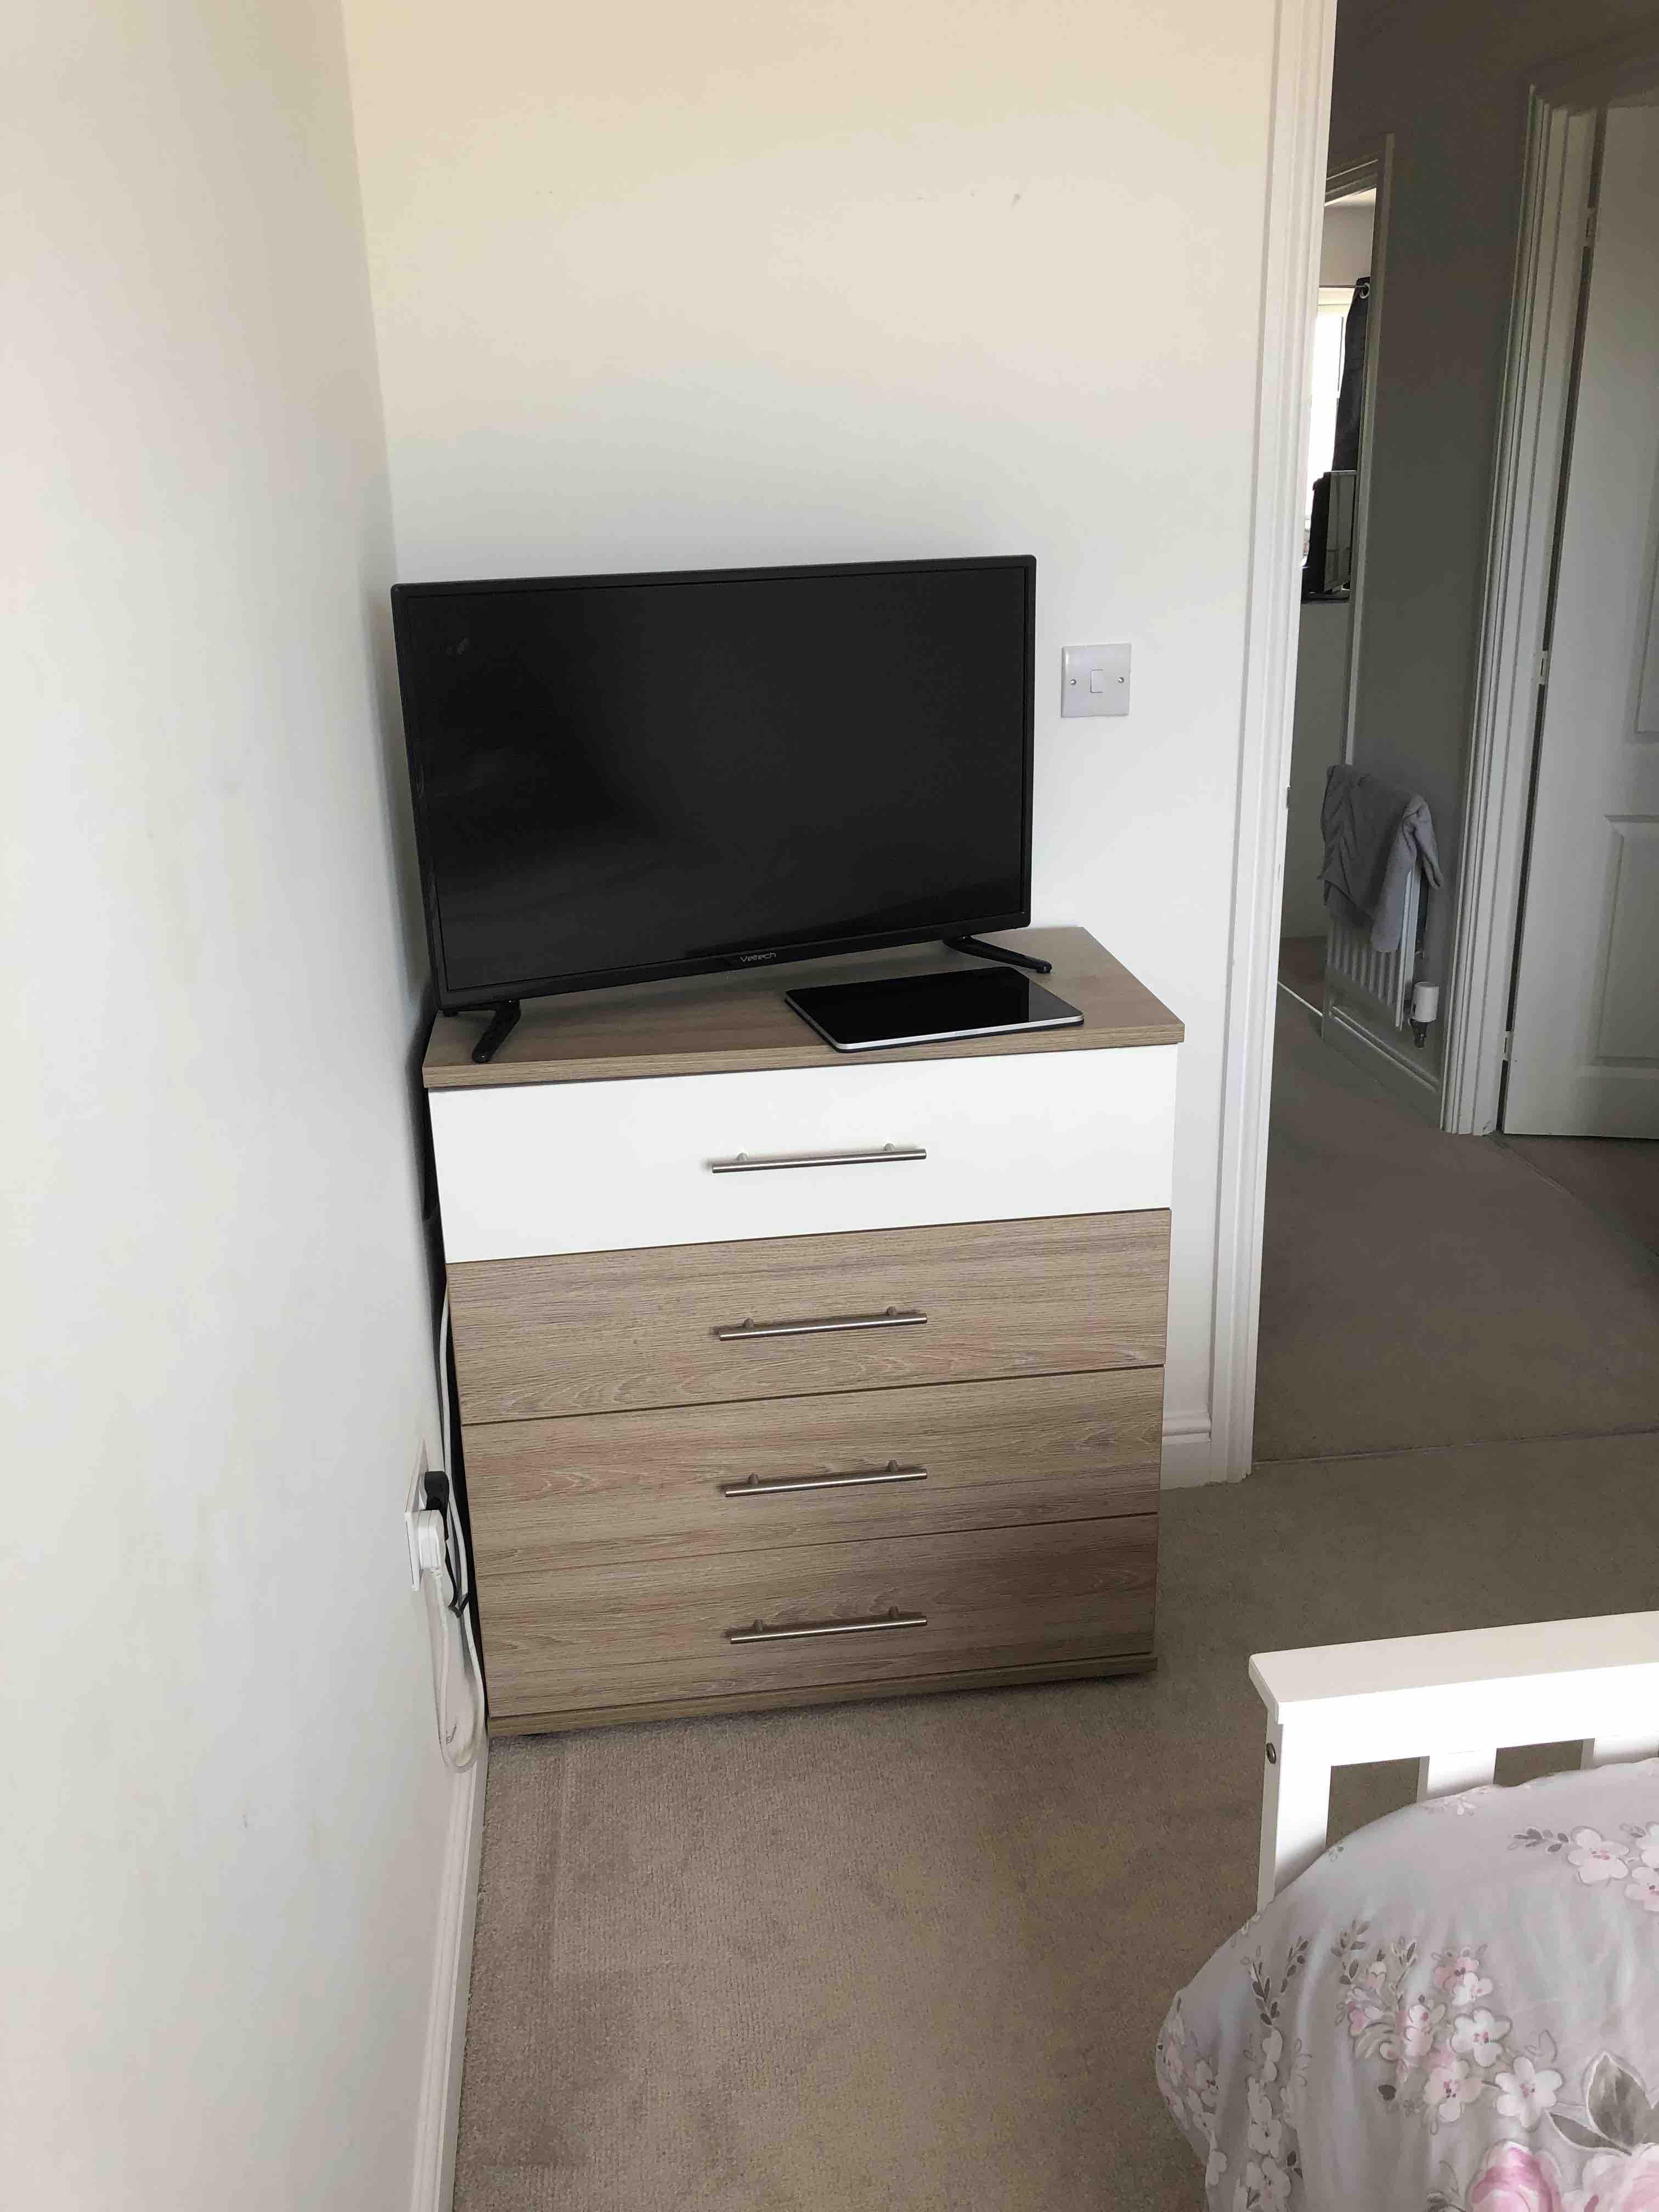 1 room in Staplehurst, Staplehurst, TN12 0FQ RoomsLocal image